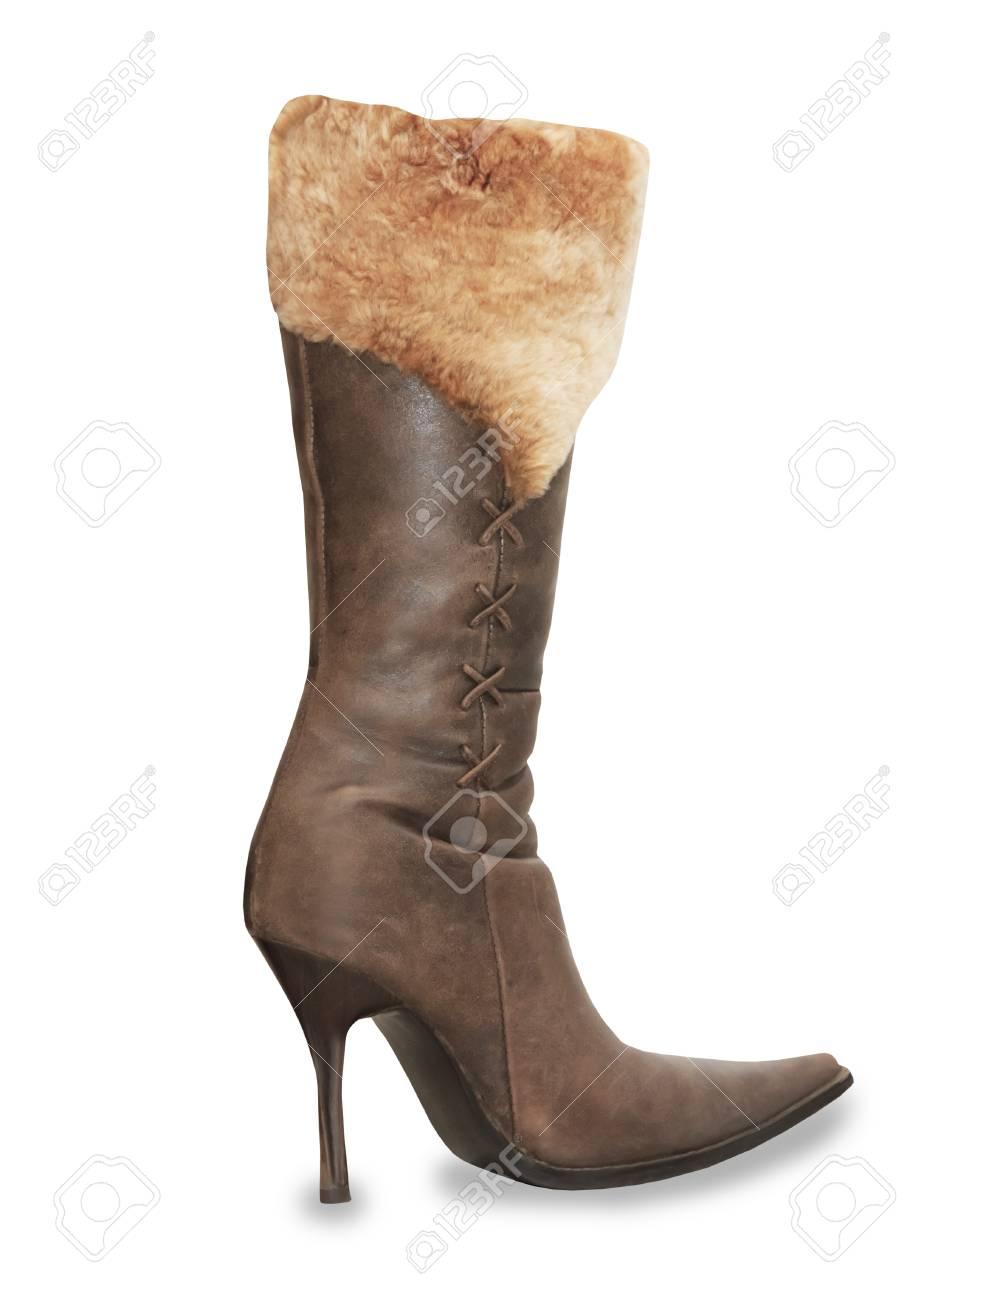 De Alto Sobre Tacón Botas Marrón Ante Zapatos Aislados Blanco La Mujer BQxWroEdeC